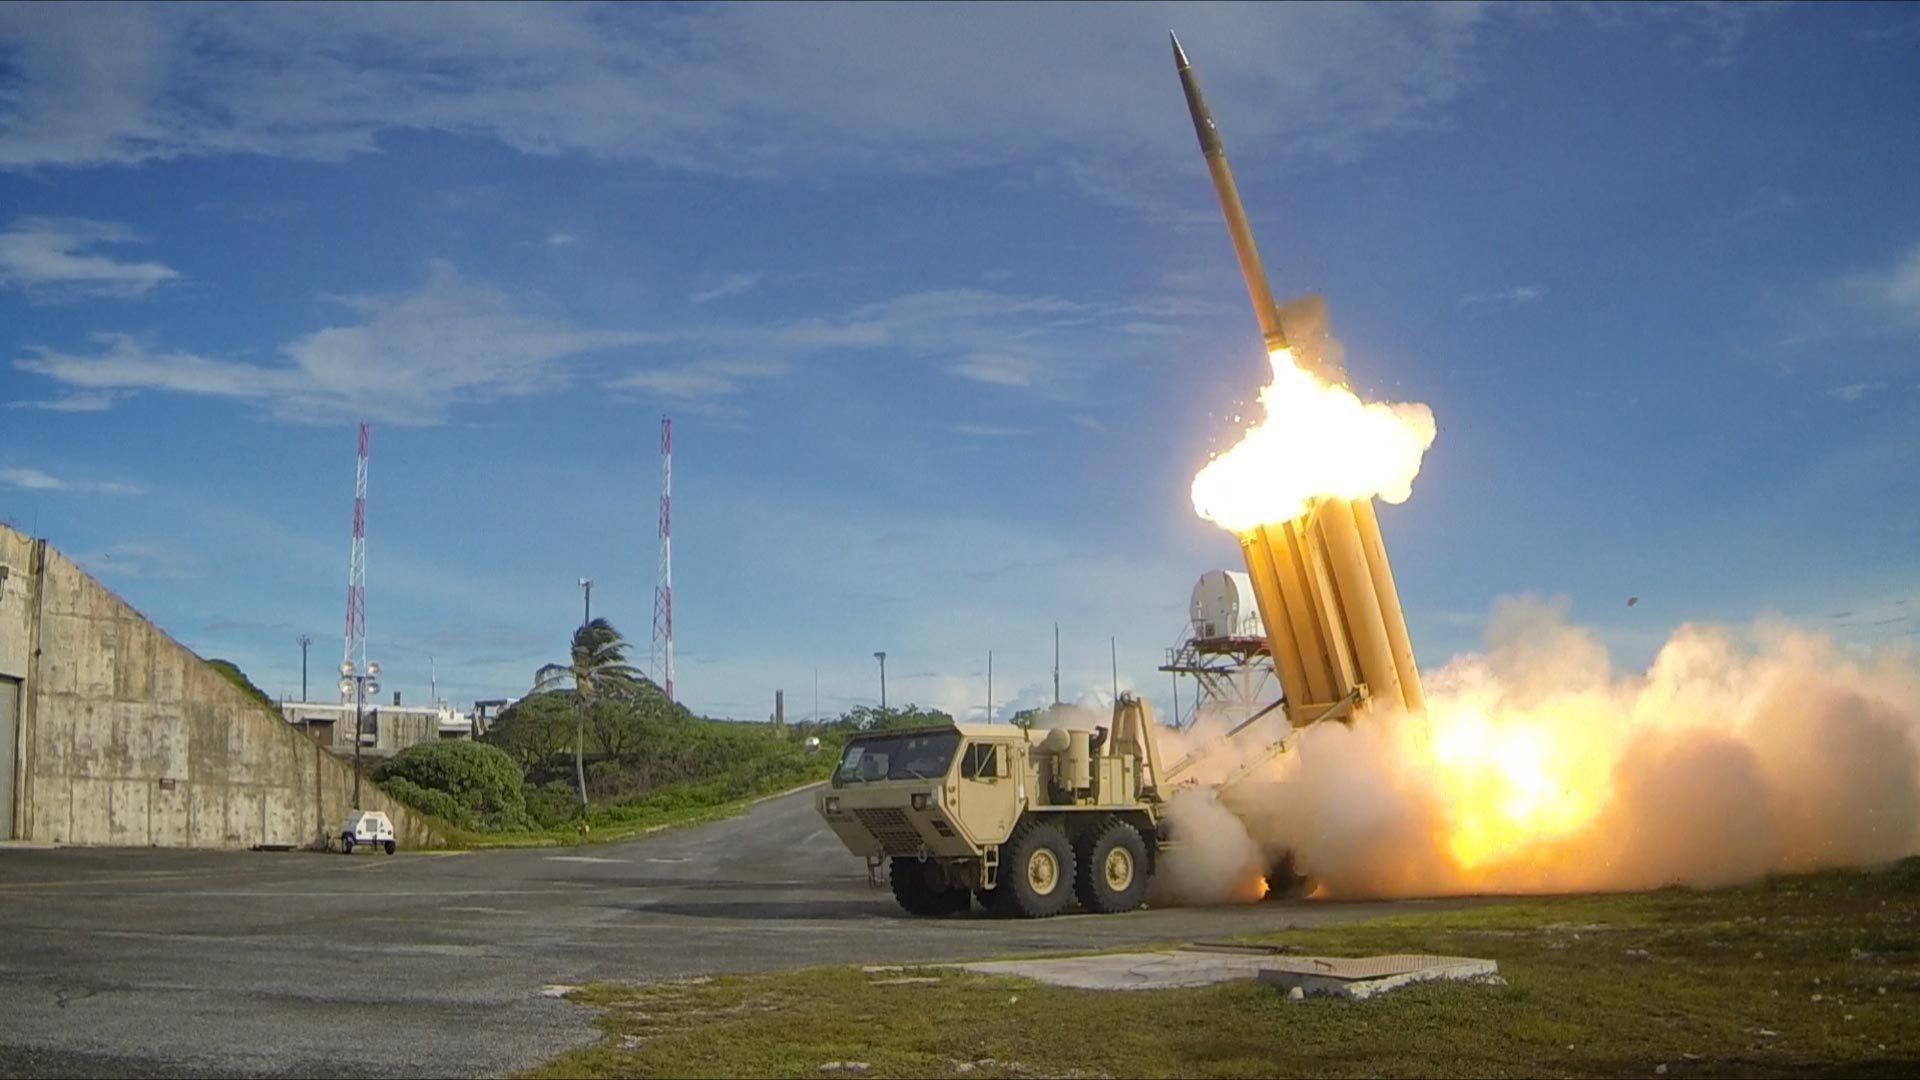 Trung-Nga chỉ trích quyết định triển khai THAAD của Mỹ 1